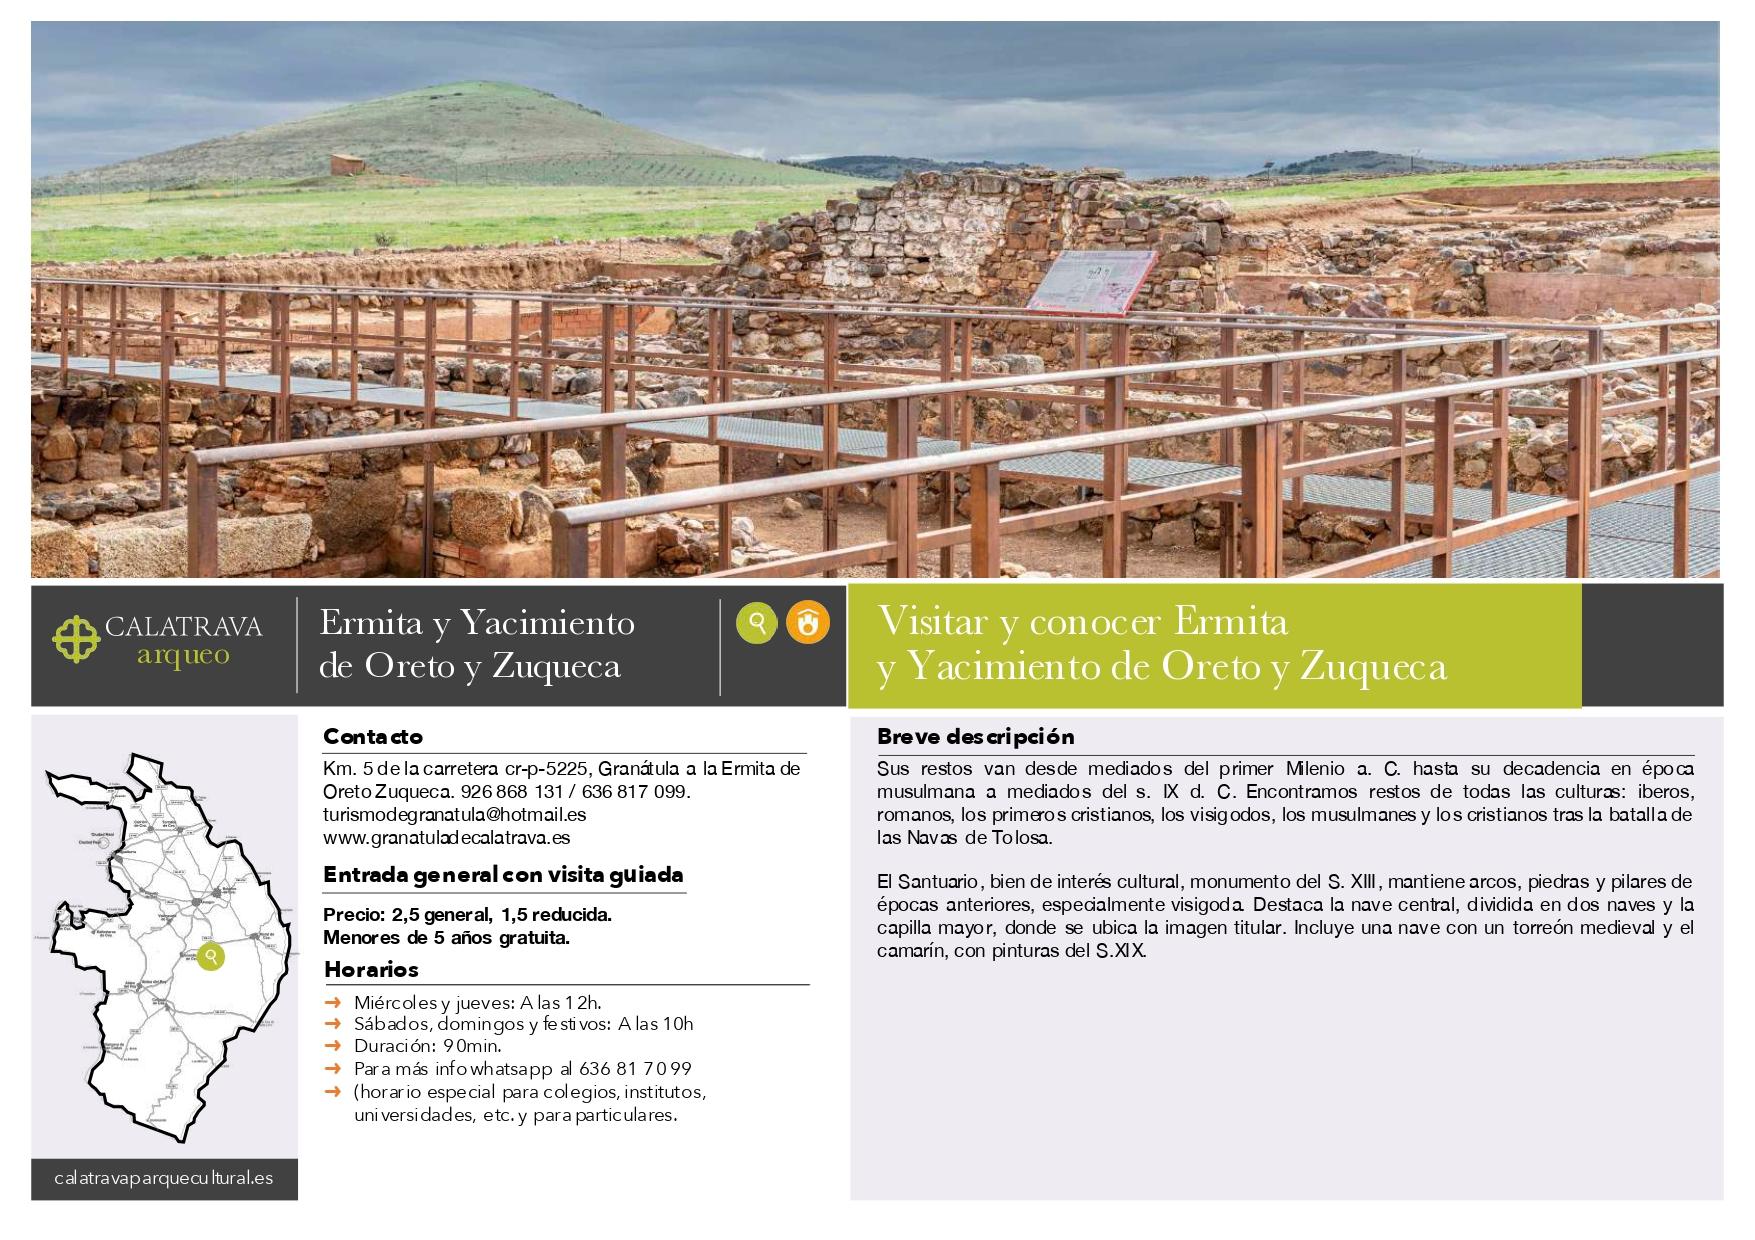 mapa-Ermita-Yacimiento Oreto y Zuqueca